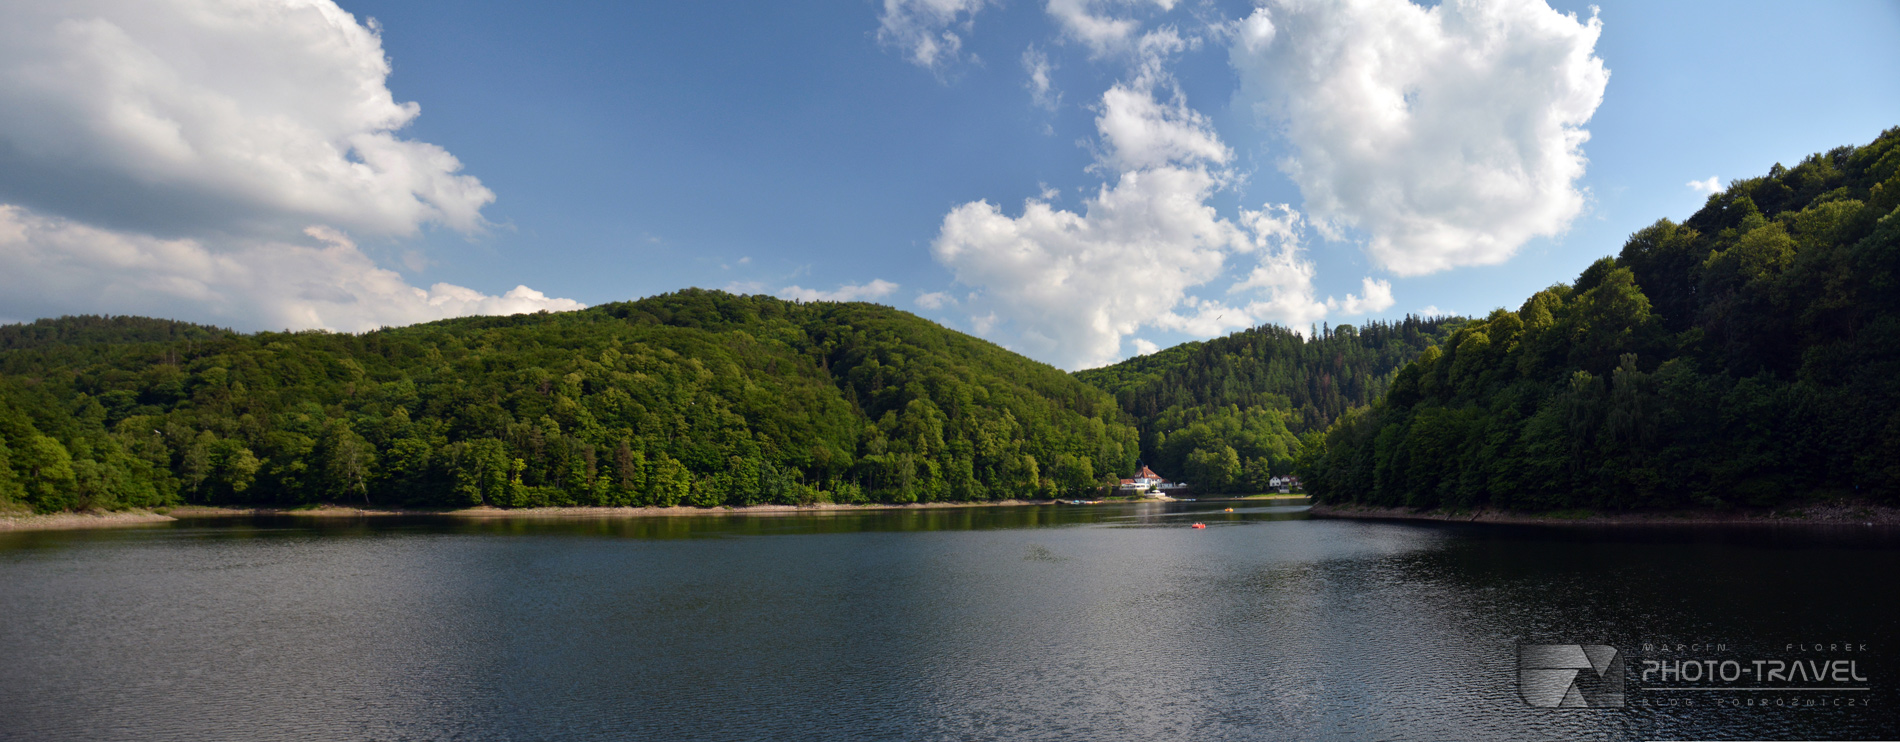 Jezioro Bystrzyckie w Zagórzu Śląskim - atrakcje Dolnego Śląska